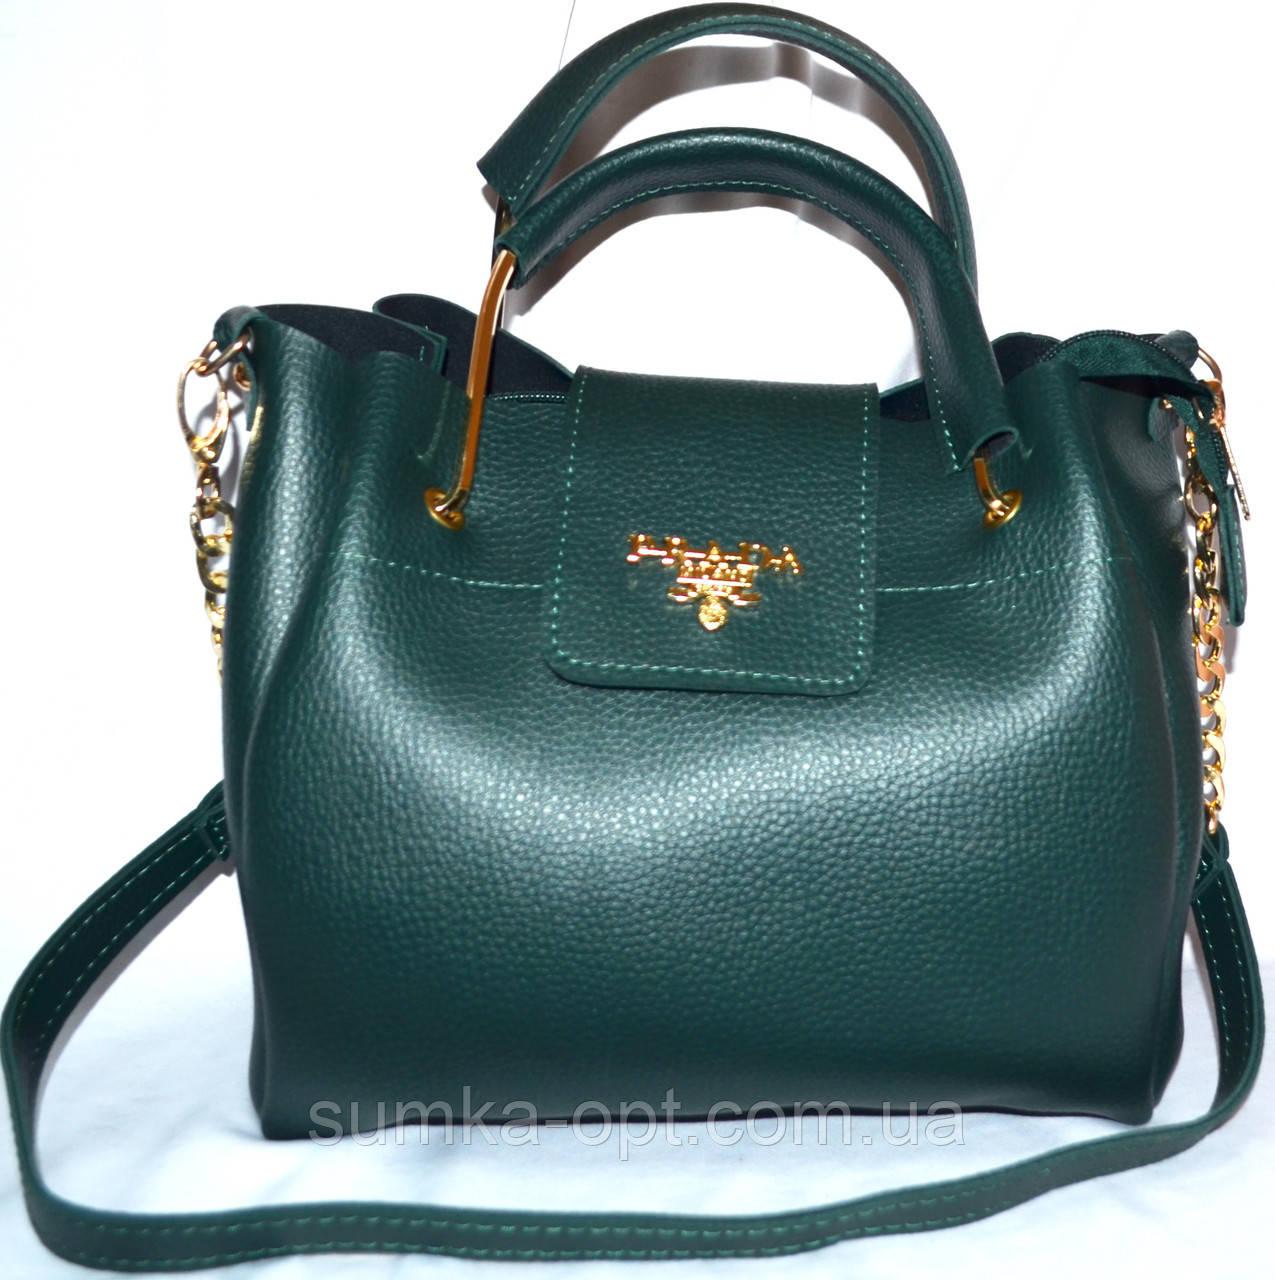 Купить оптом брендовые сумки в Москве, оптовый интернет-магазин итальянских сумок - luxbrandbagsstore.ru